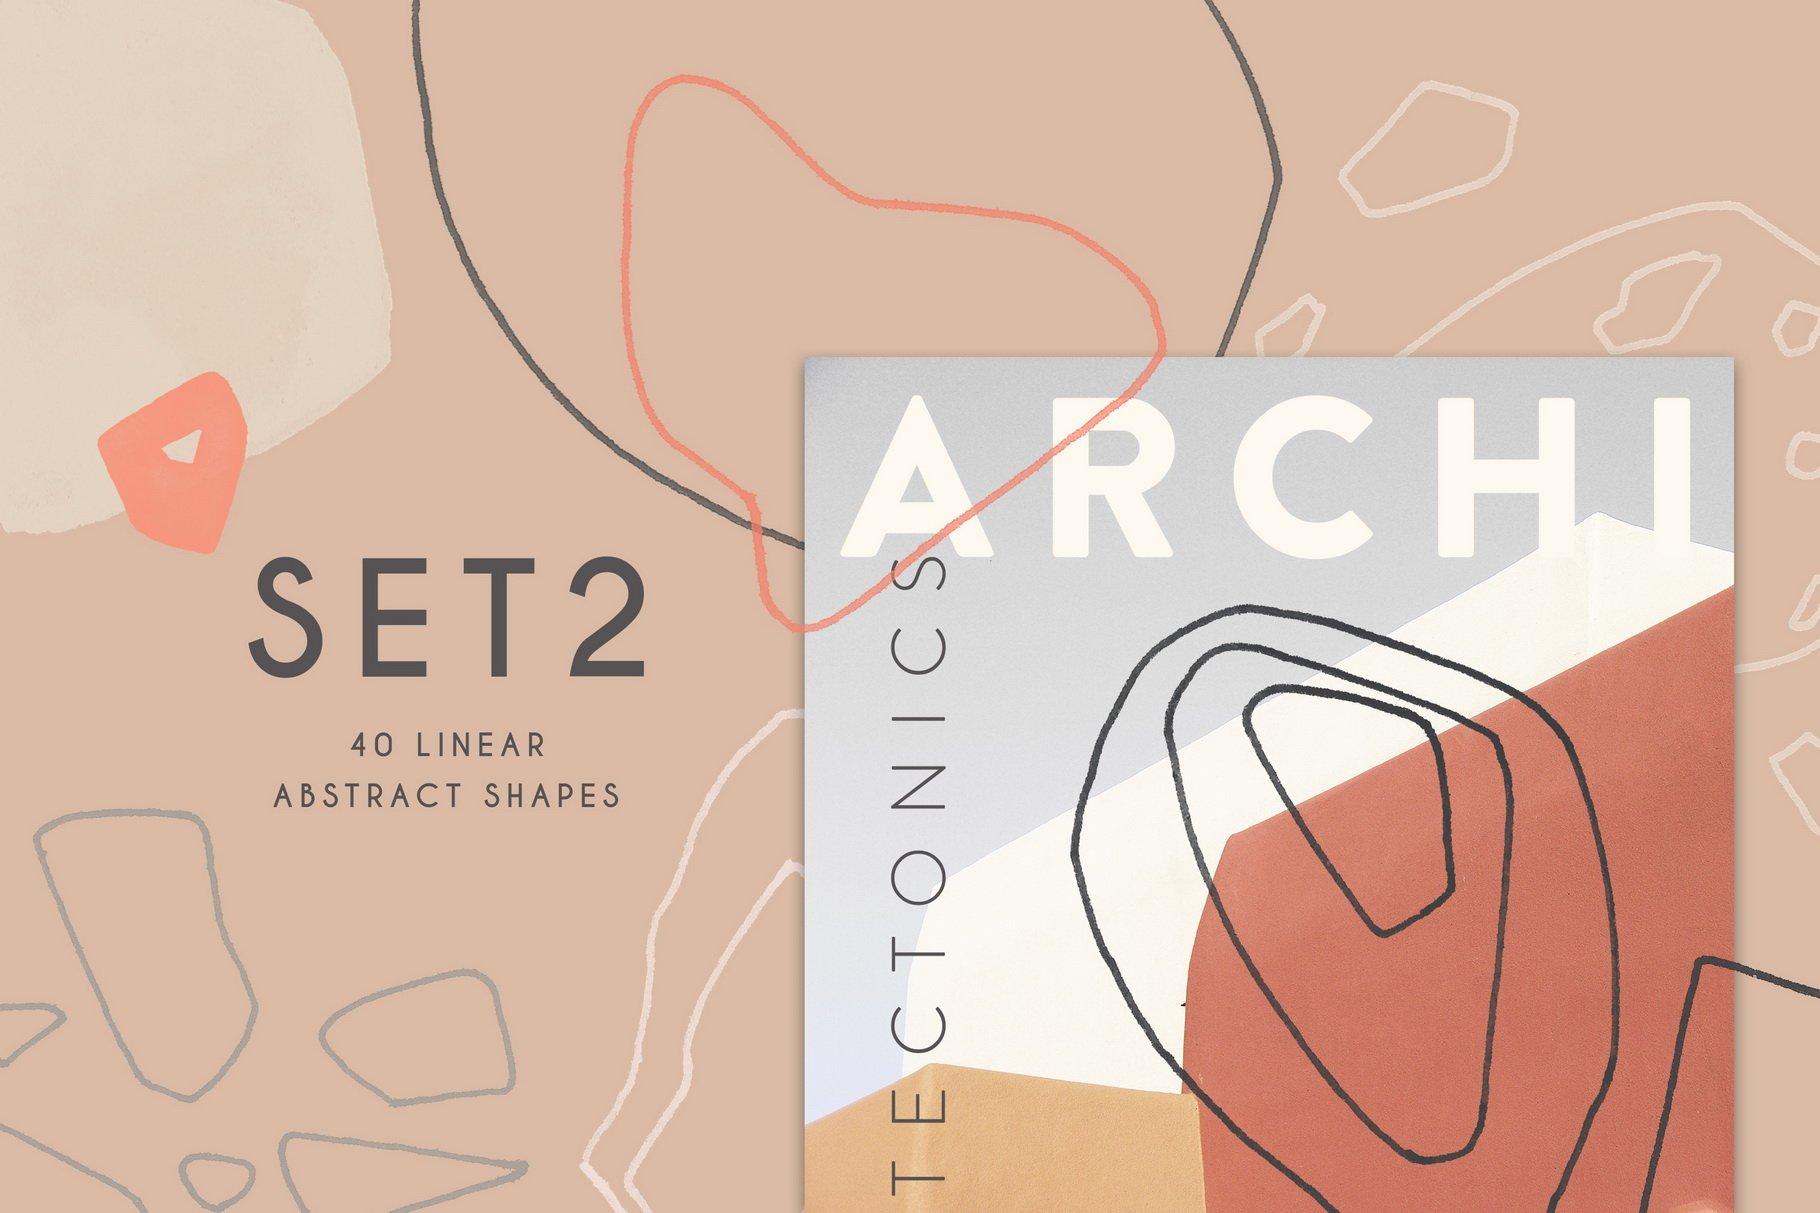 100款现代抽象石头几何图案PS水彩印章笔刷 Terrazzo Photoshop Brushes插图(4)